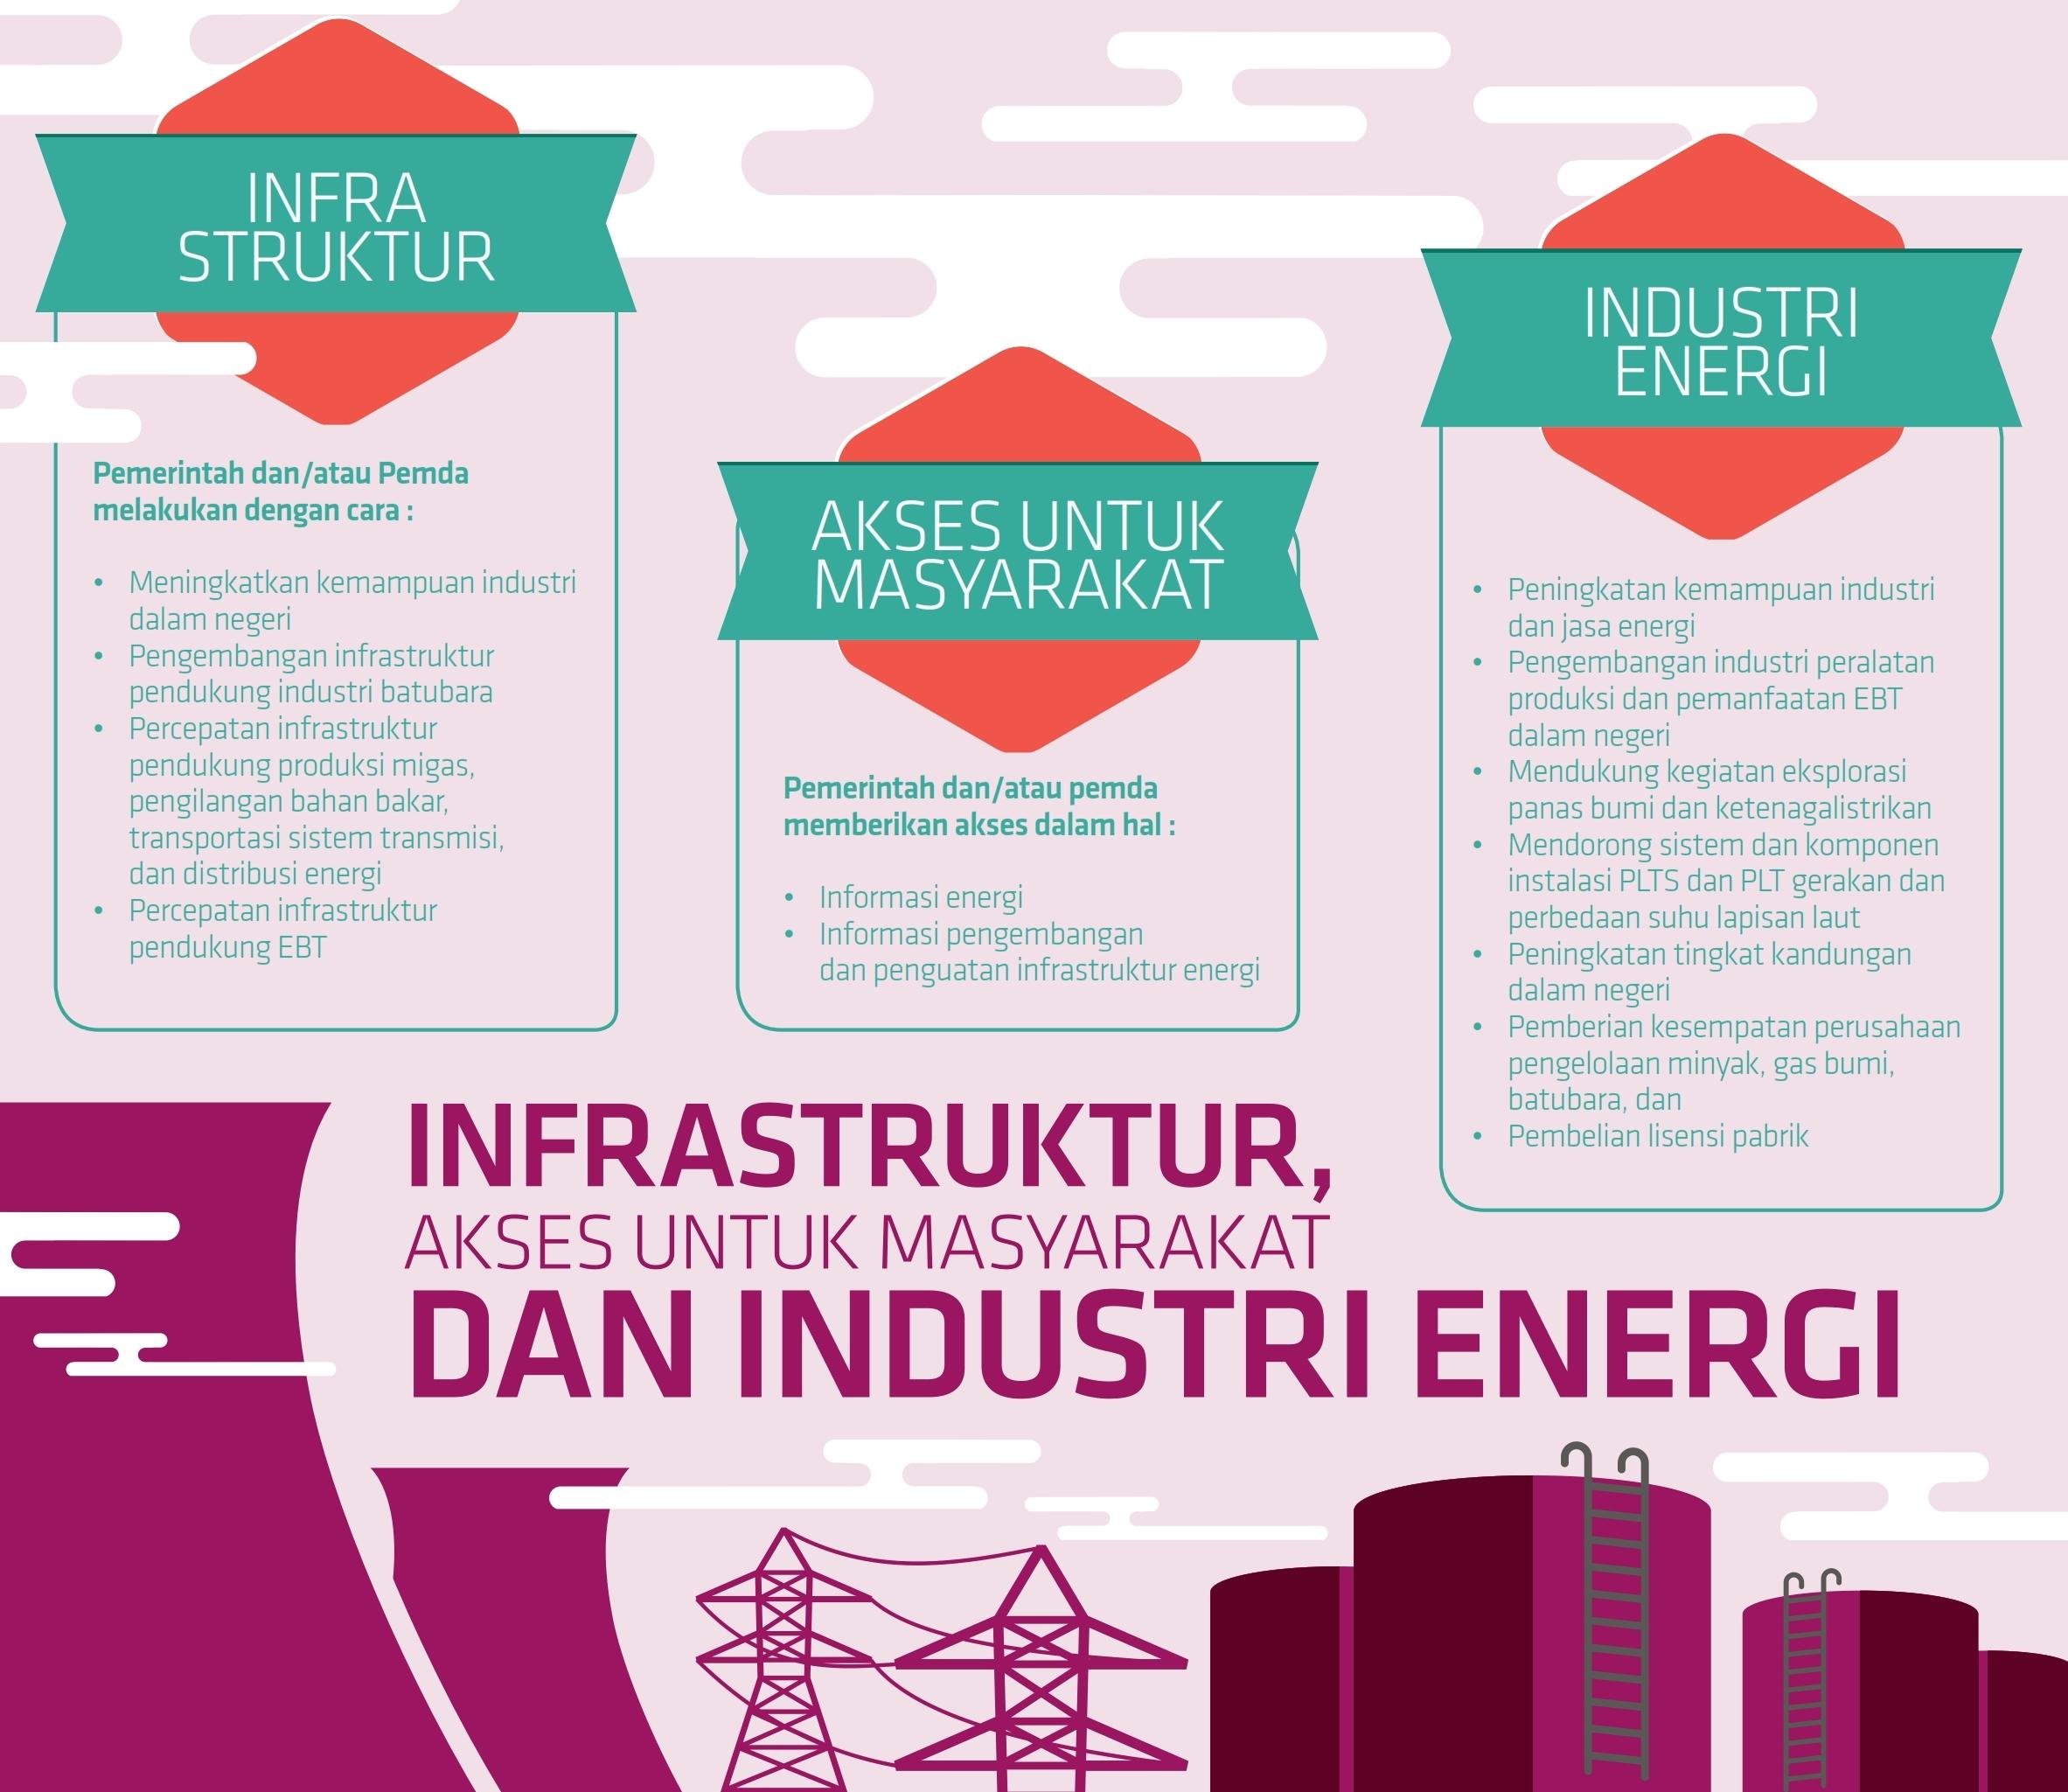 infrastruktur-akses-untuk-masyarakat-dan-industri-energi